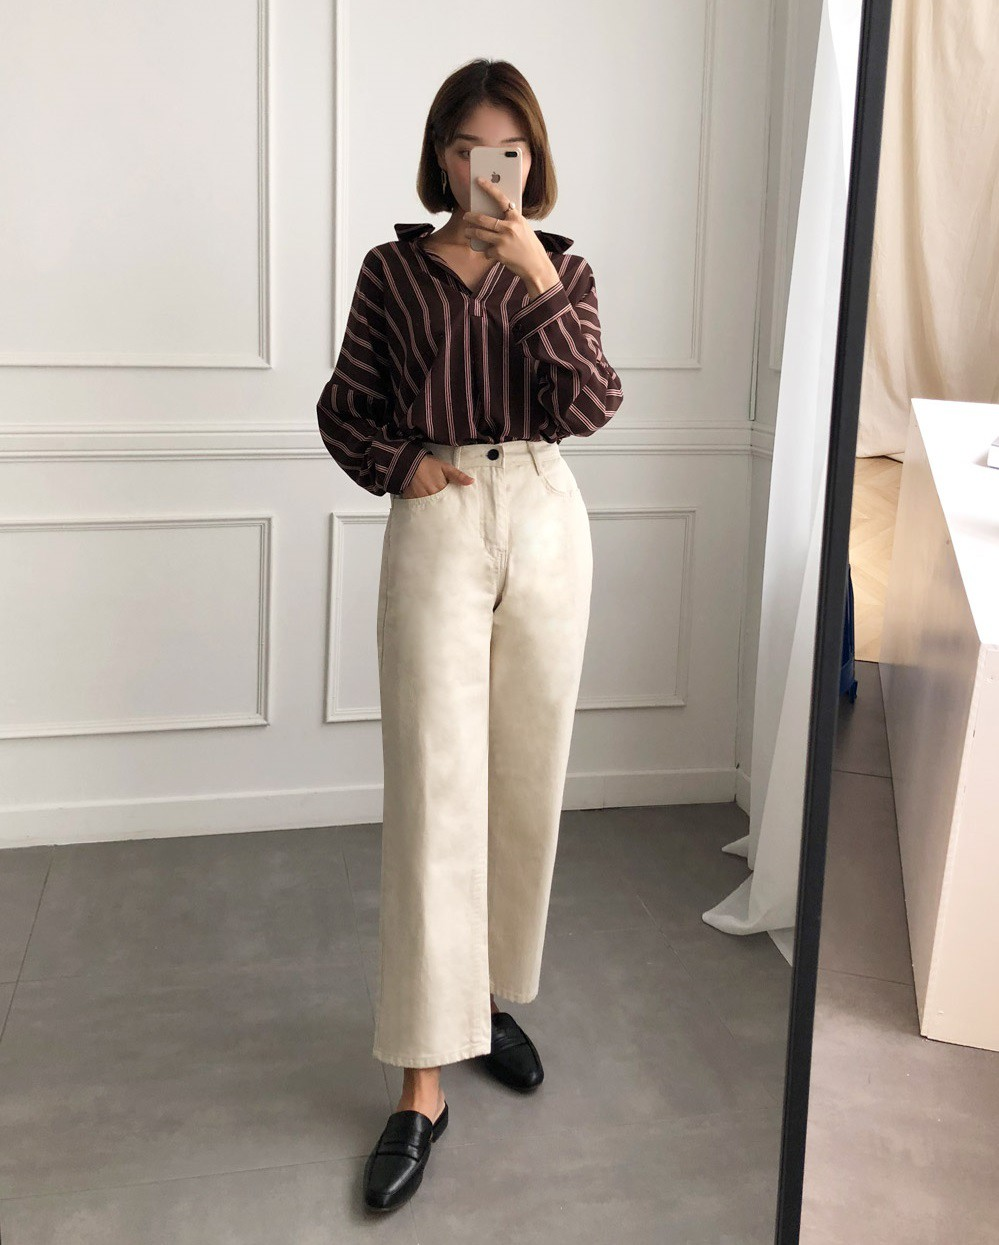 Quên quần áo dày dặn mùa lạnh đi, nàng công sở cứ sắm 5 items này là đủ mặc đẹp từ Xuân sang Hè 4